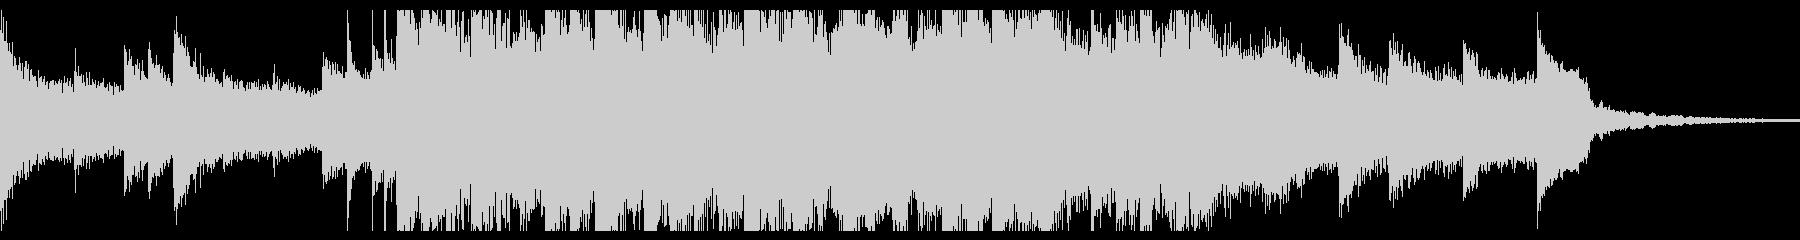 インディーロック ポップロック 企...の未再生の波形